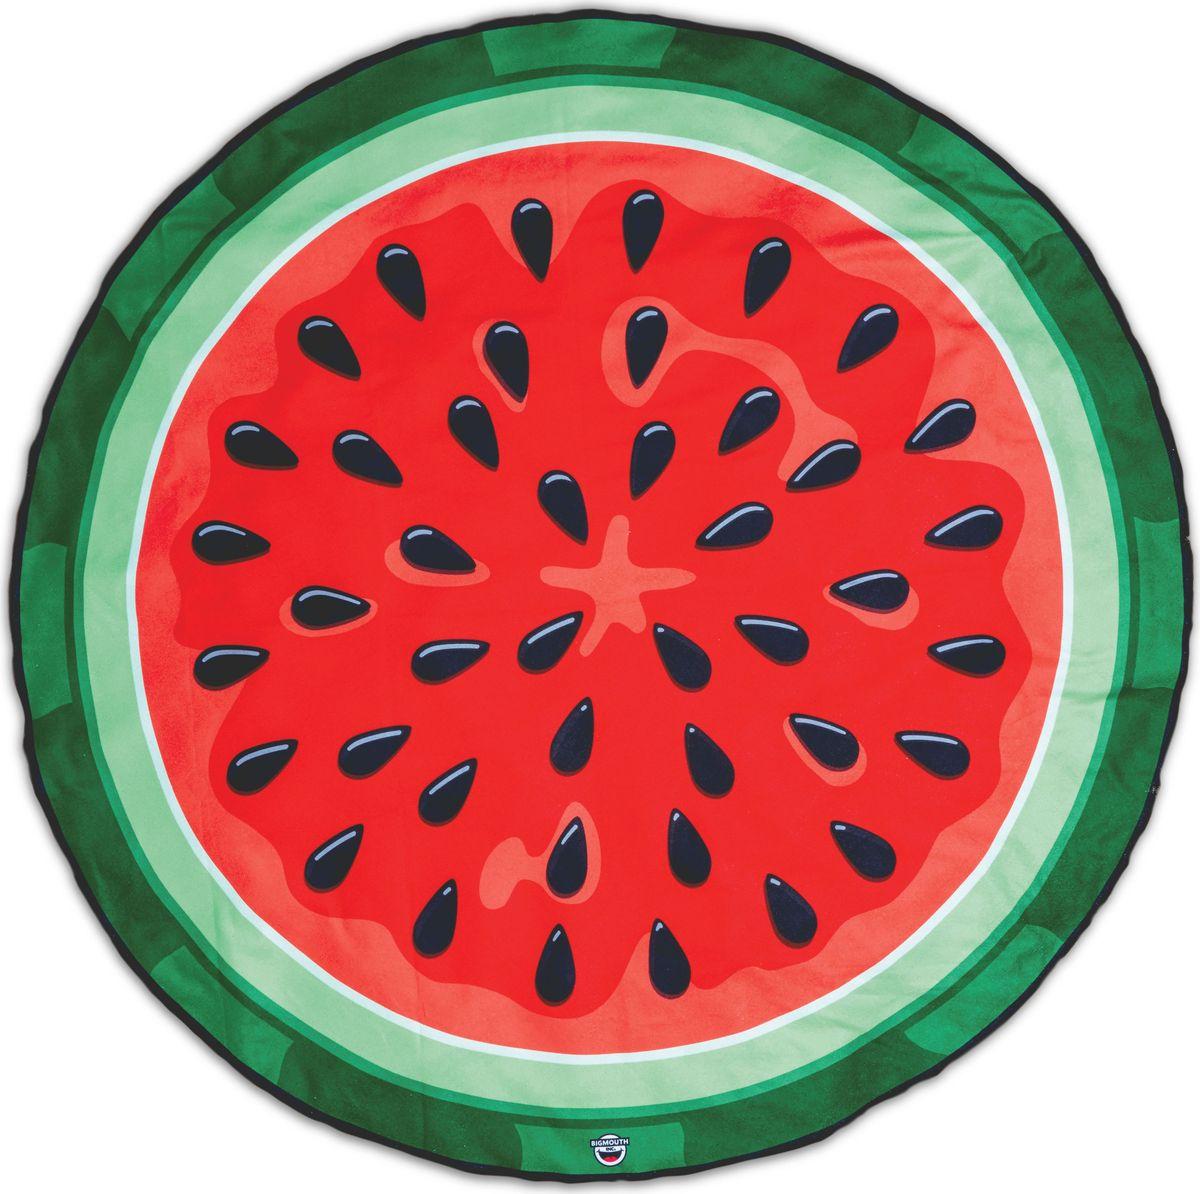 Покрывало пляжное BigMouth Watermelon488615_красный, синийПляжные покрывала Big Mouth отличаются яркими и незаурядными дизайнами, за счет чего сразу приковывают к себе внимание. На них приятно расположиться у моря или бассейна в жаркий летний день и ловить на себе согревающие солнечные лучи. Благодаря тому, что изделия имеют довольно крупные размеры, они прекрасно подходят как для детей, так и для взрослых. Легкий и приятный на ощупь материал подарит максимальный комфорт, а оригинальный окрас подчеркнет вашу индивидуальность. Покрывало можно использовать еще и в качестве пляжного полотенца, ведь тыльная сторона изделия выполнена из мягкой ткани, хорошо впитывающей влагу.